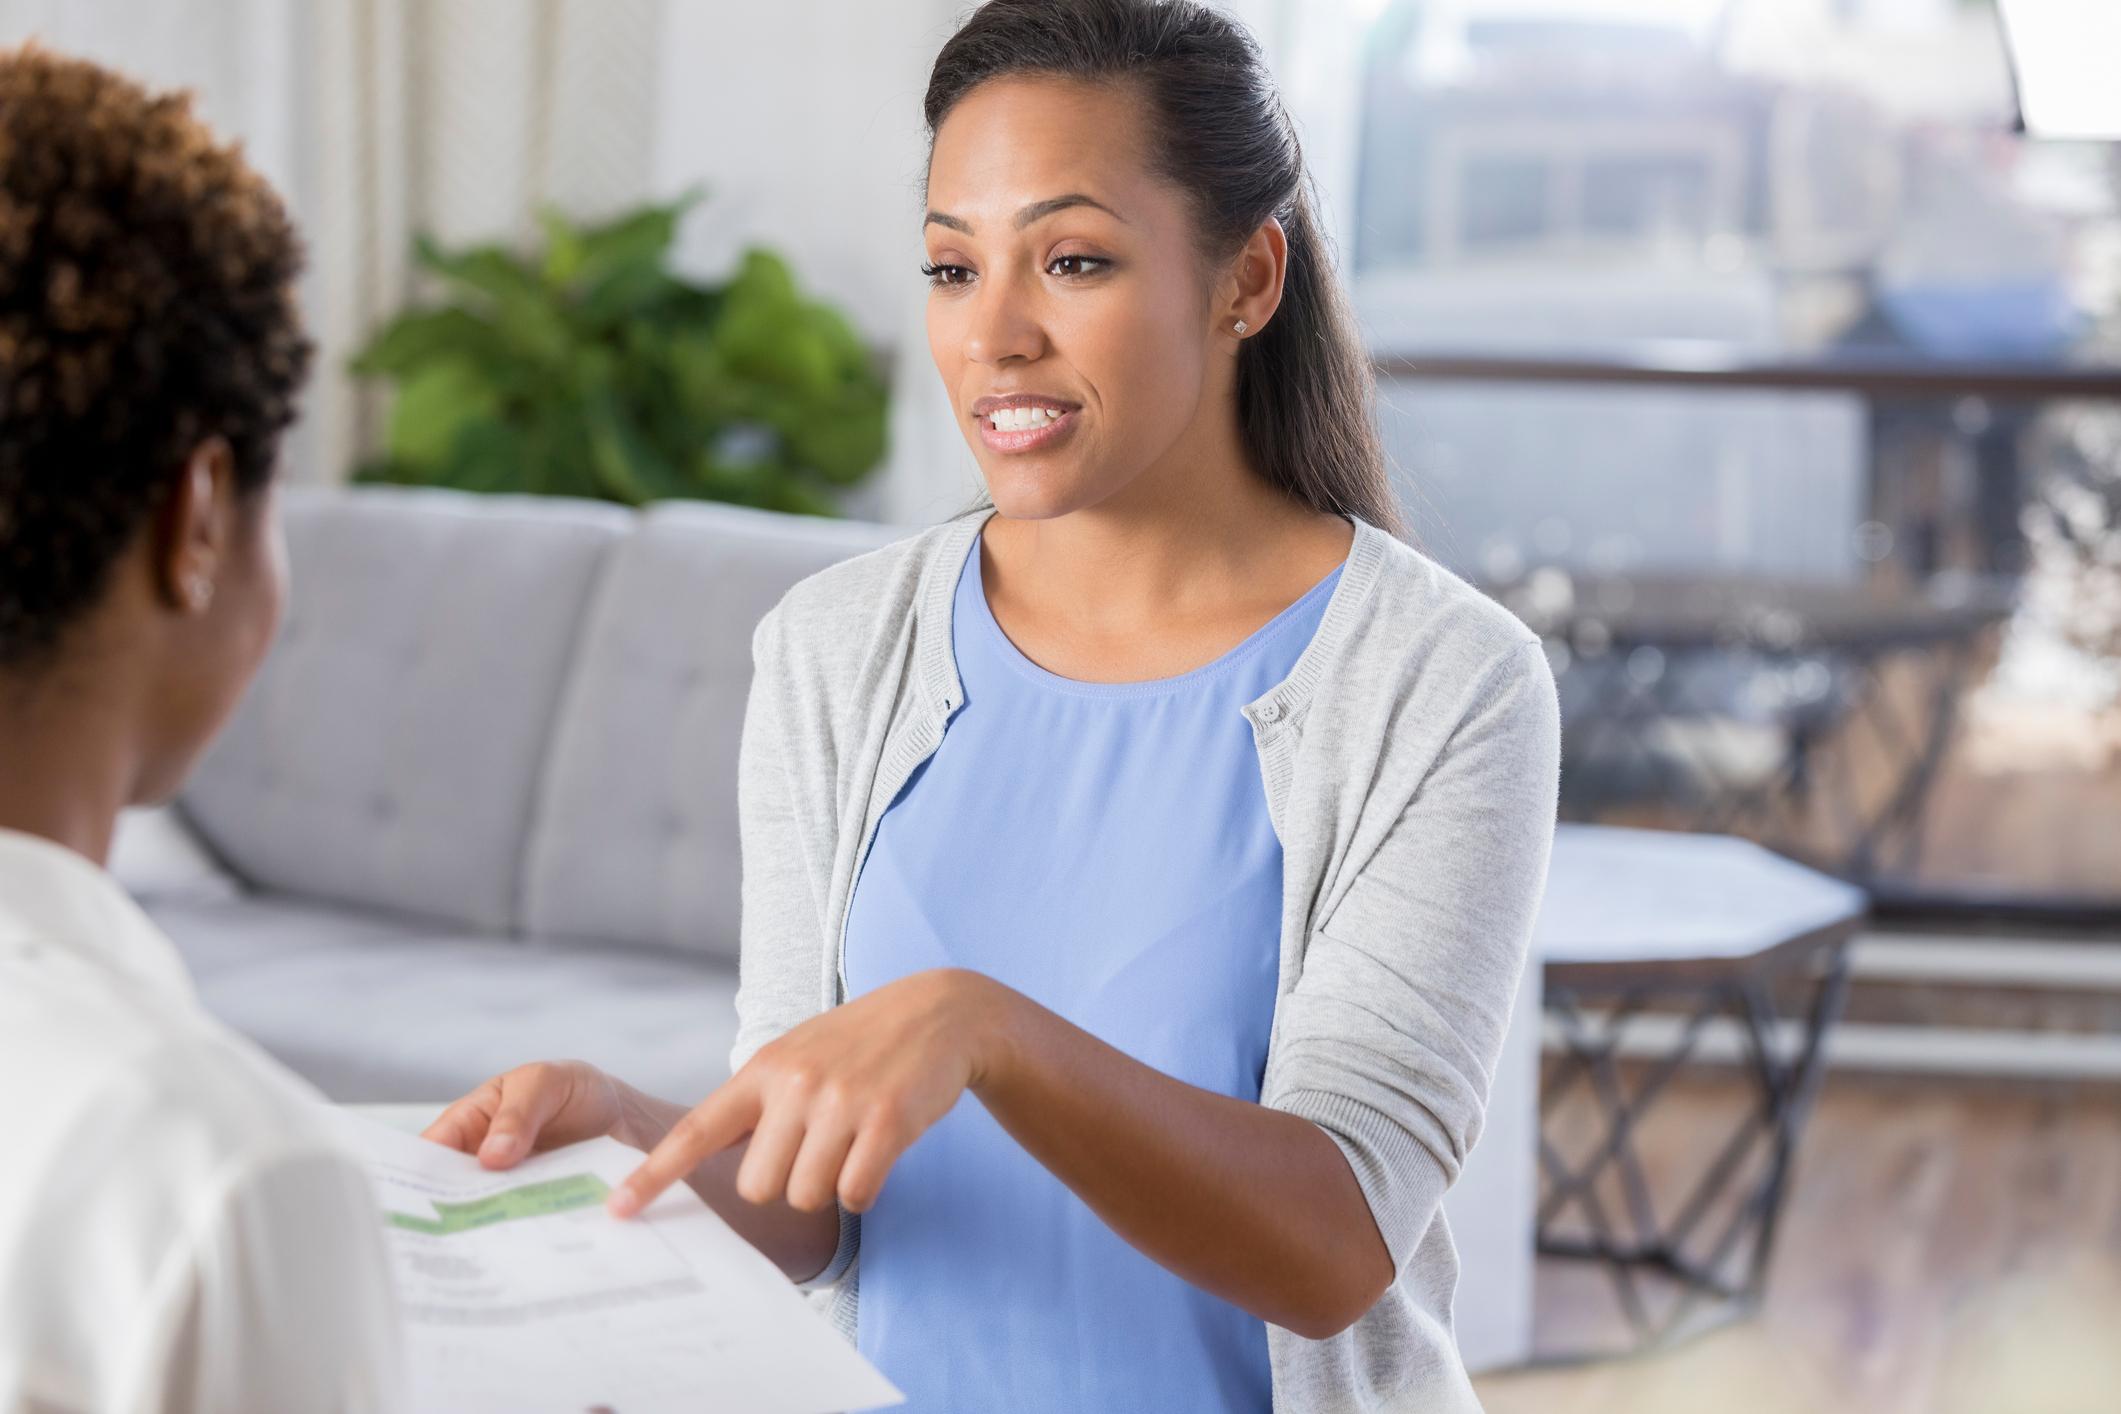 Businesswomen meet to discuss financial statement